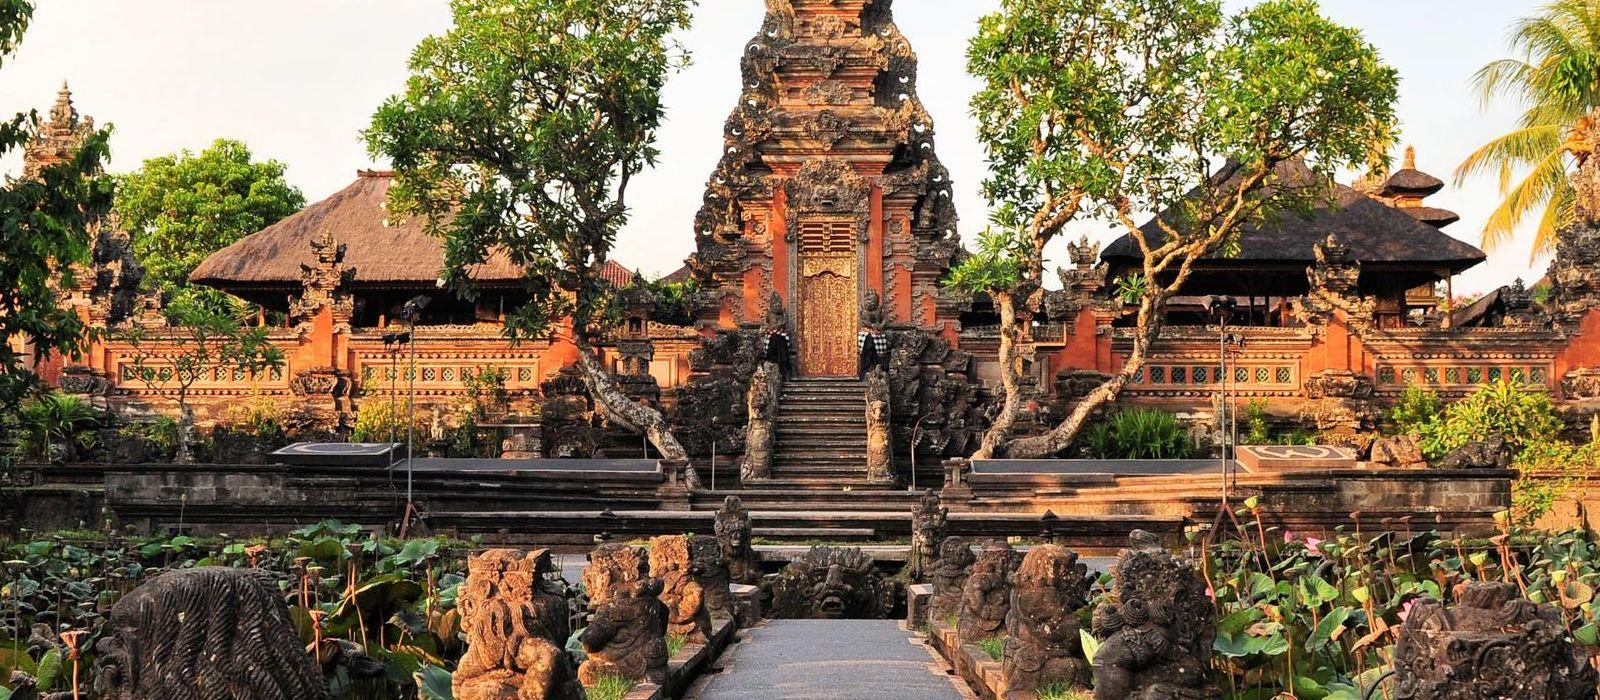 Indonesien für Einsteiger: Die Höhepunkte von Java und Bali Urlaub 5